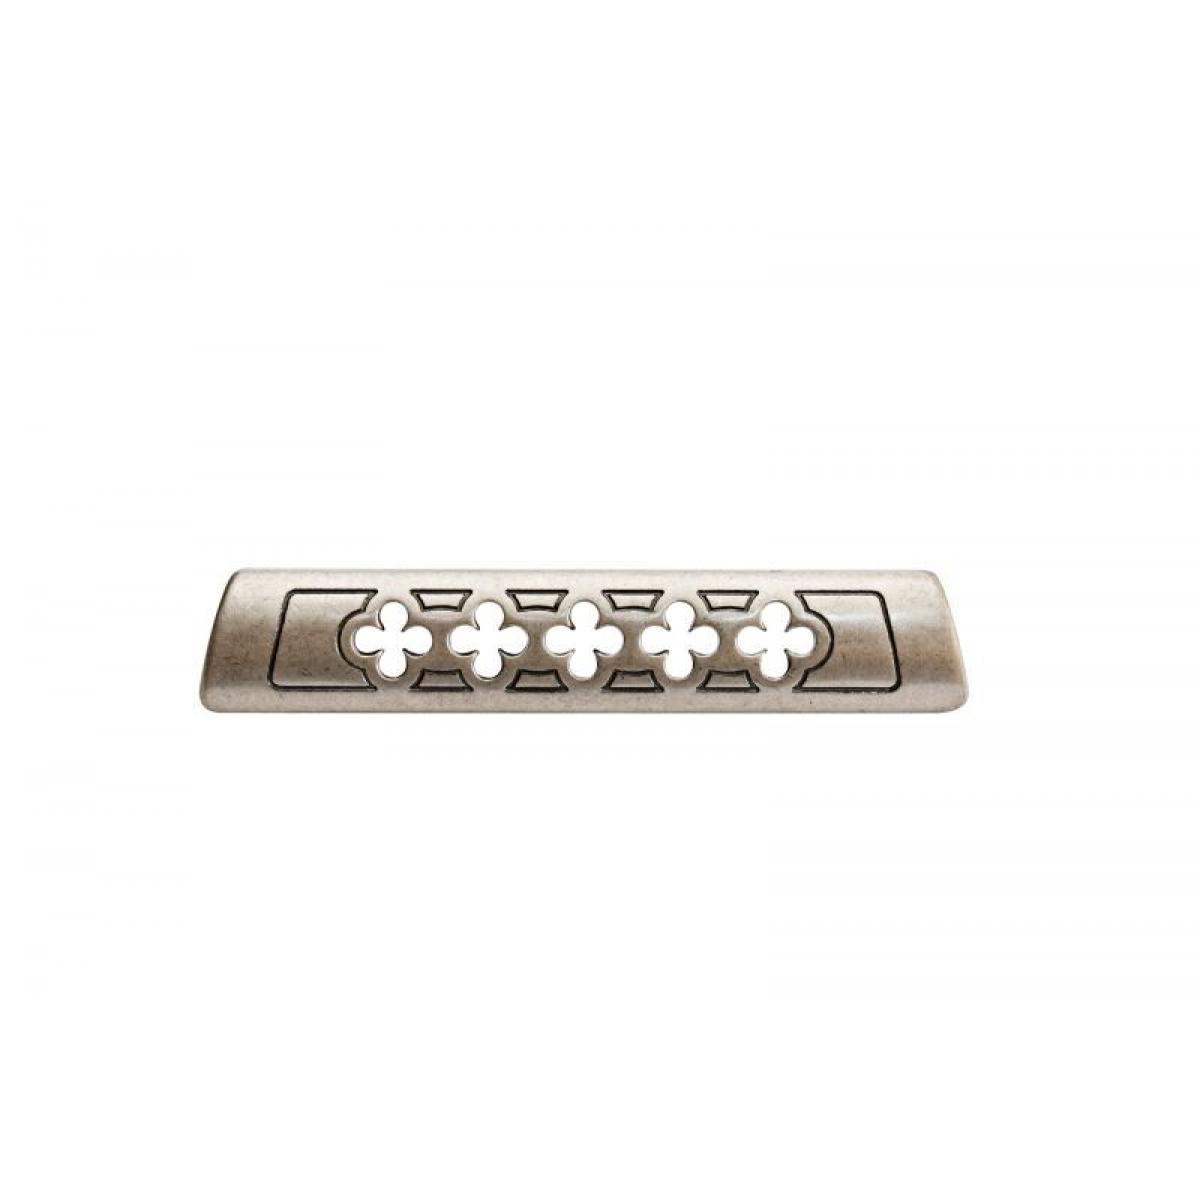 ручка 1353В0033, Межосевое расстояние для крепления ручки -96мм, покрытие состаренный металл 33